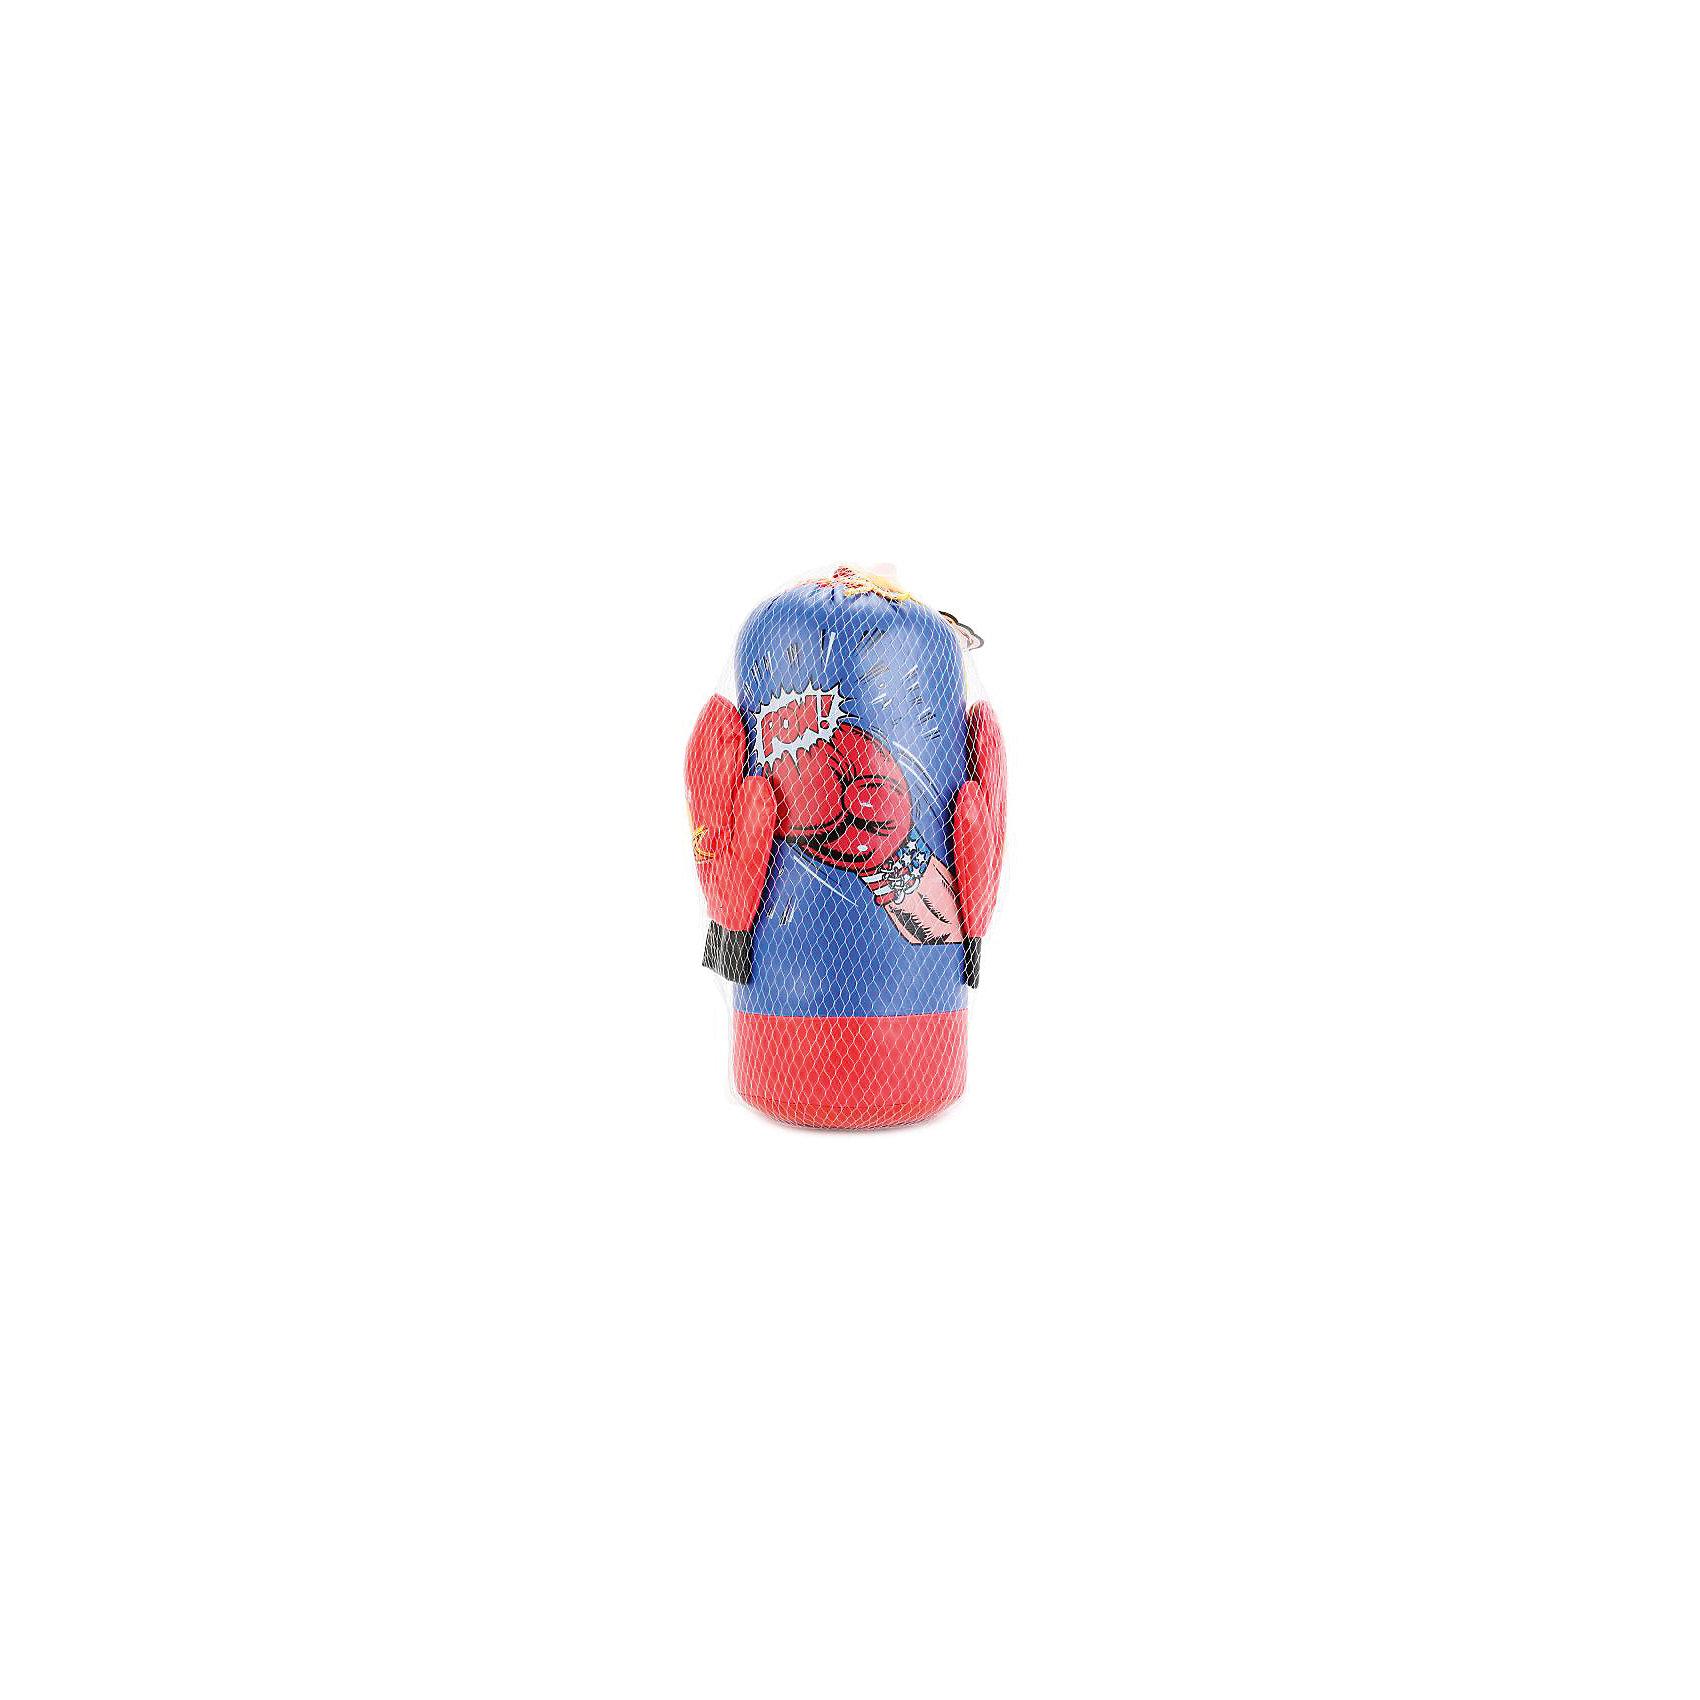 Набор для бокса Играем вместе (груша+перчатки) от myToys